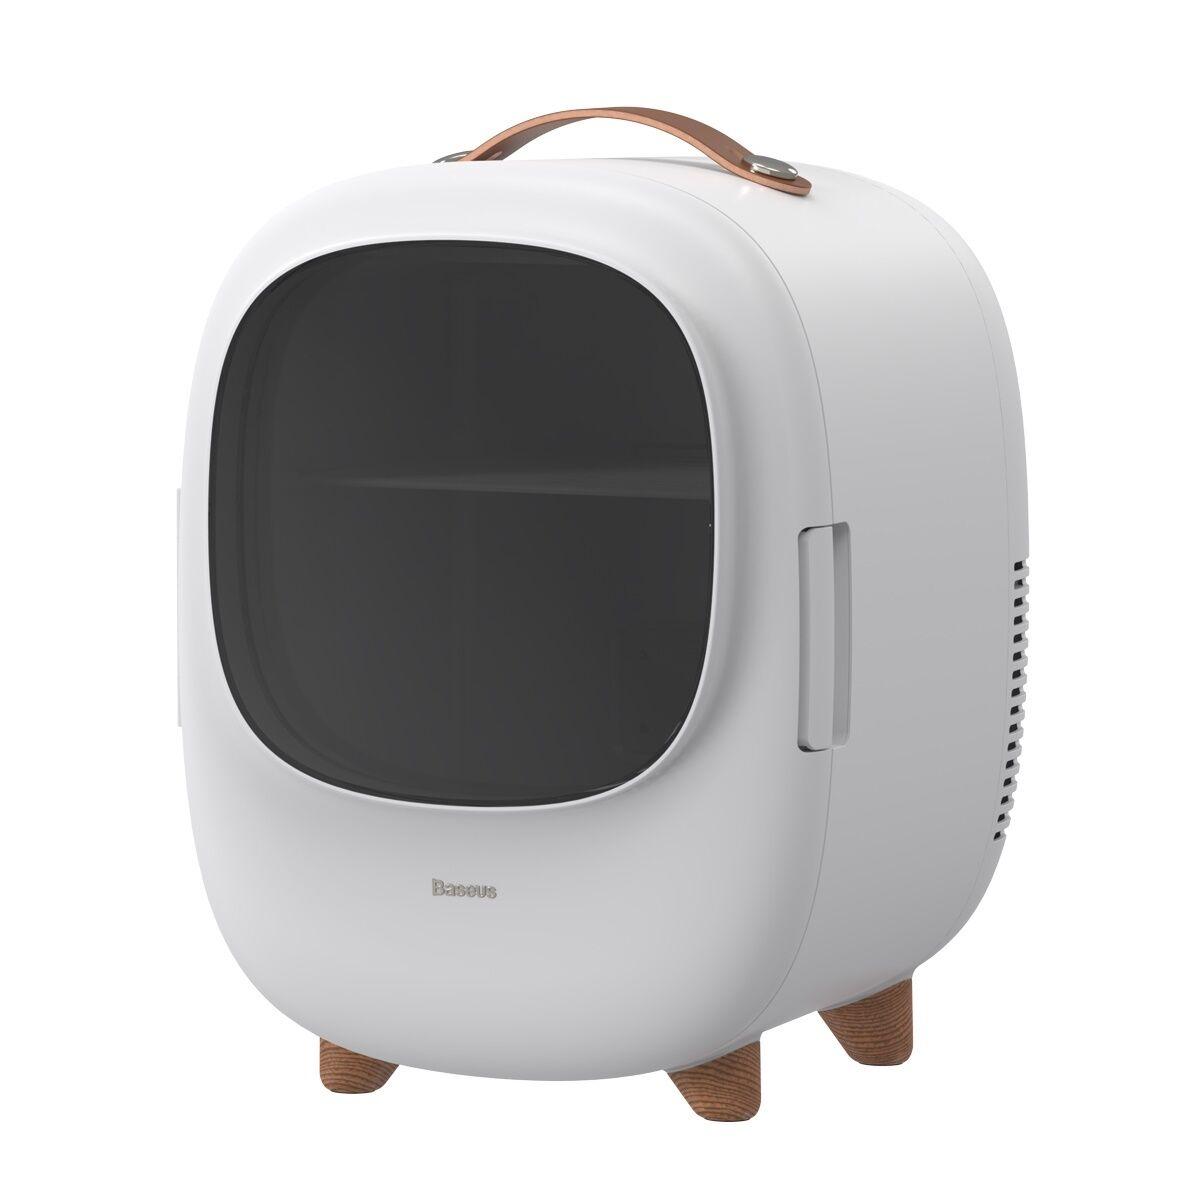 Baseus Réfrigérateur Baseus Zero Space pour le refroidissement et le chauffage, 220V + 12V, Blanc